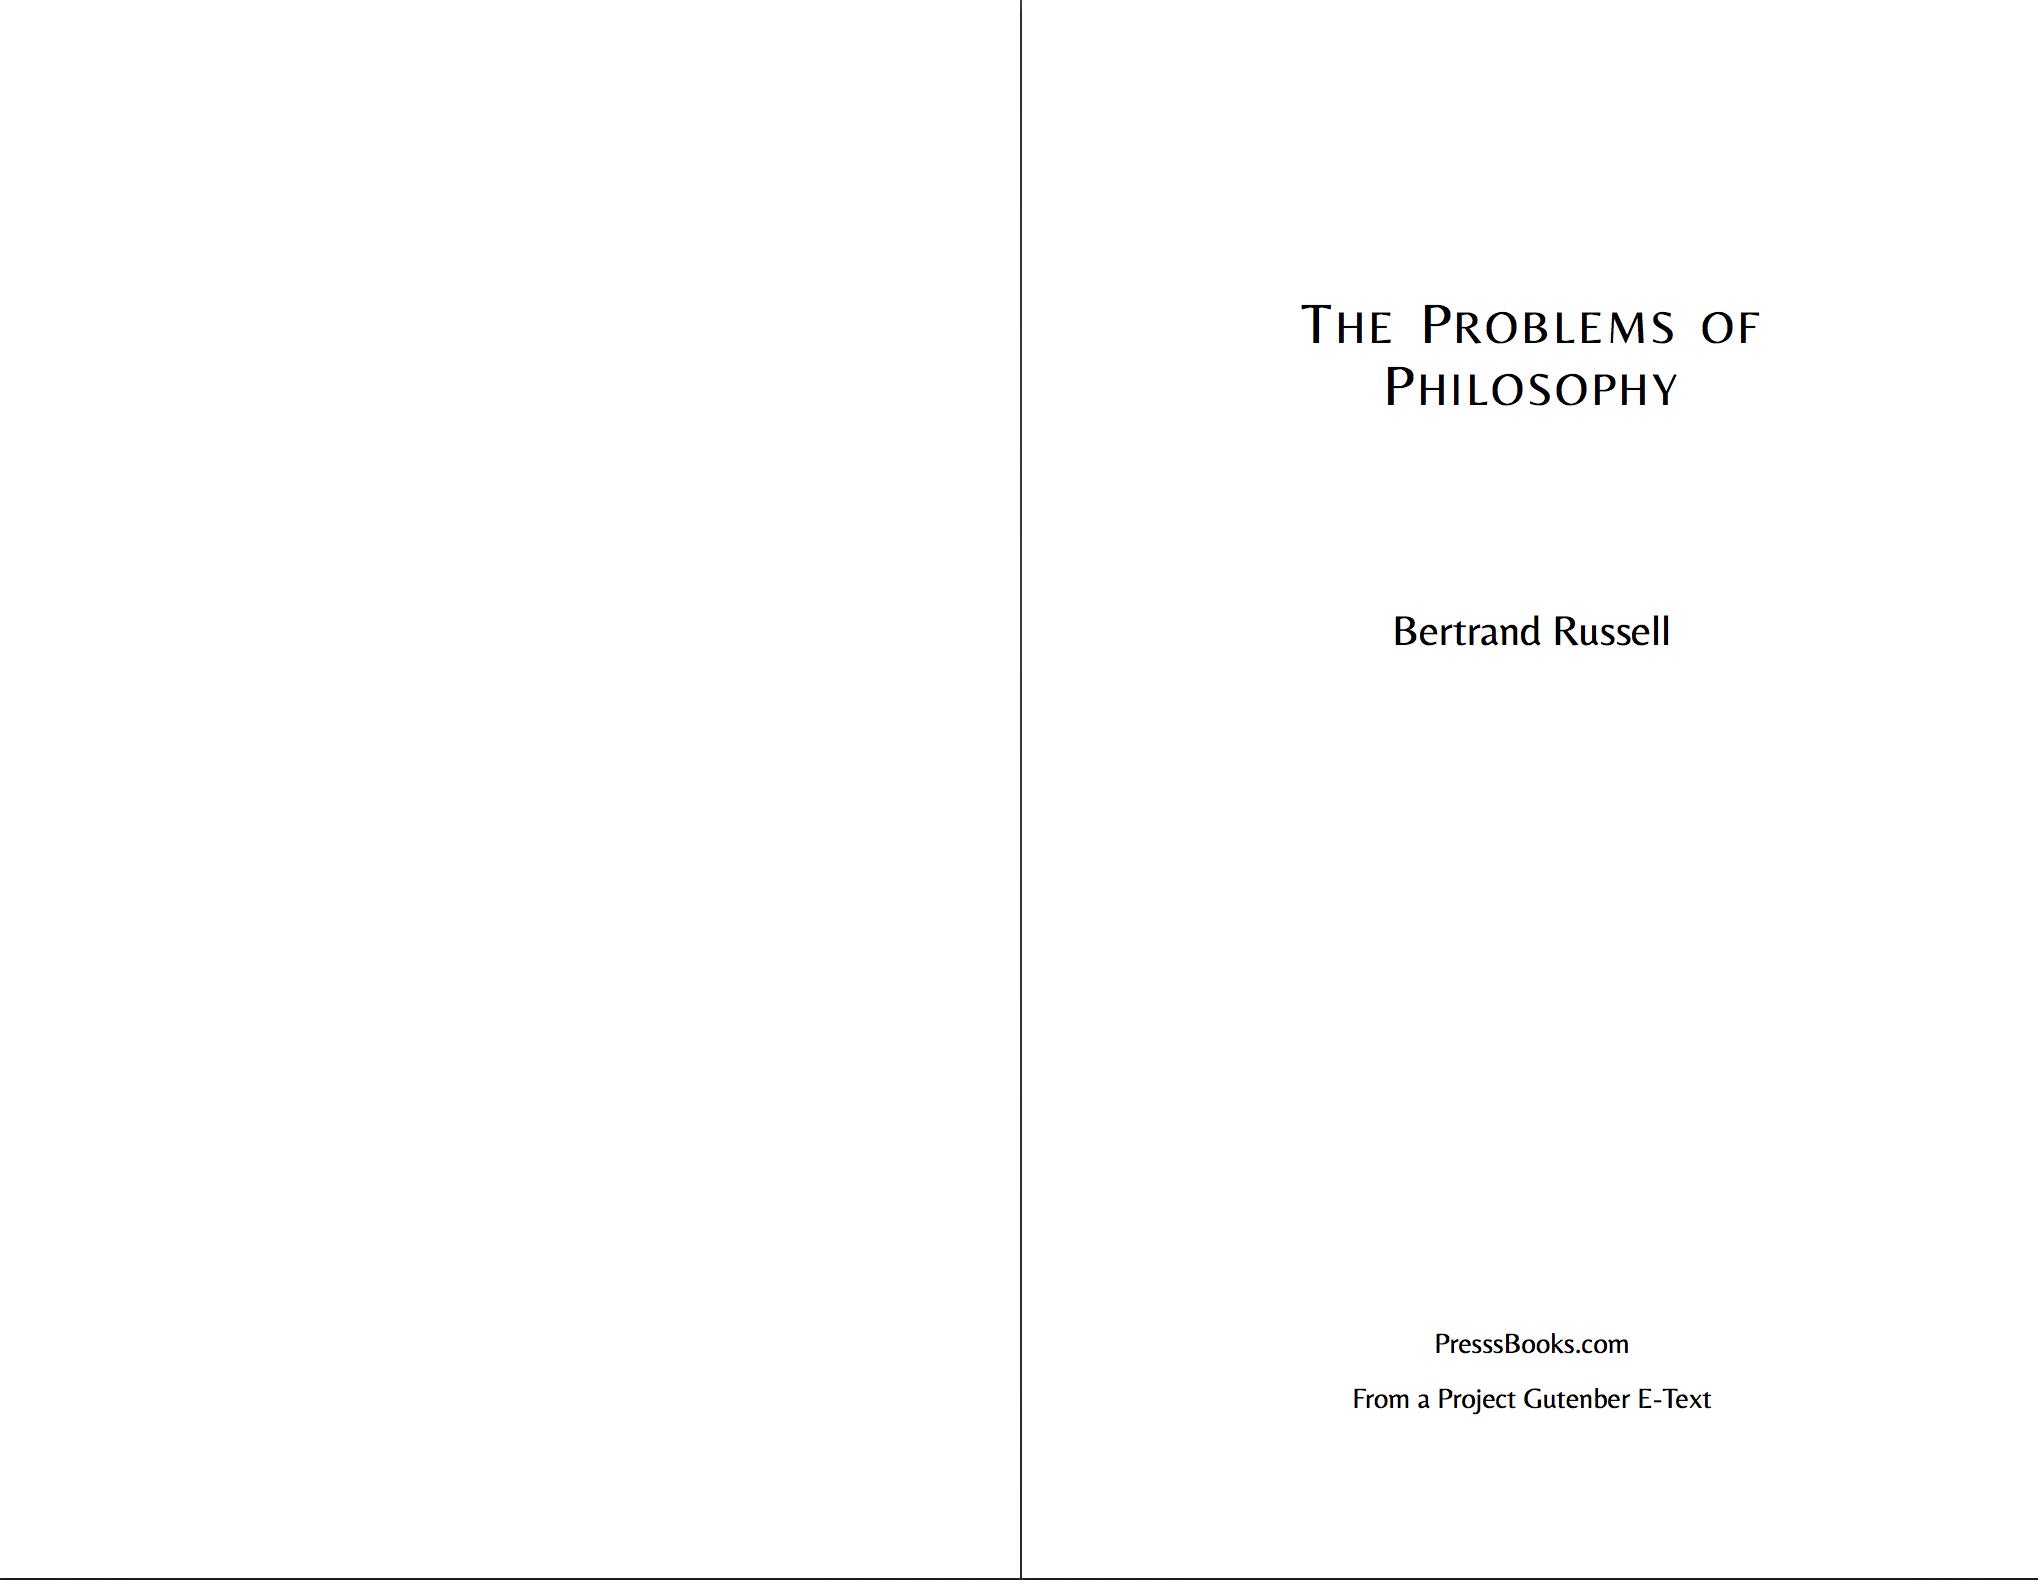 Lewis PDF 1